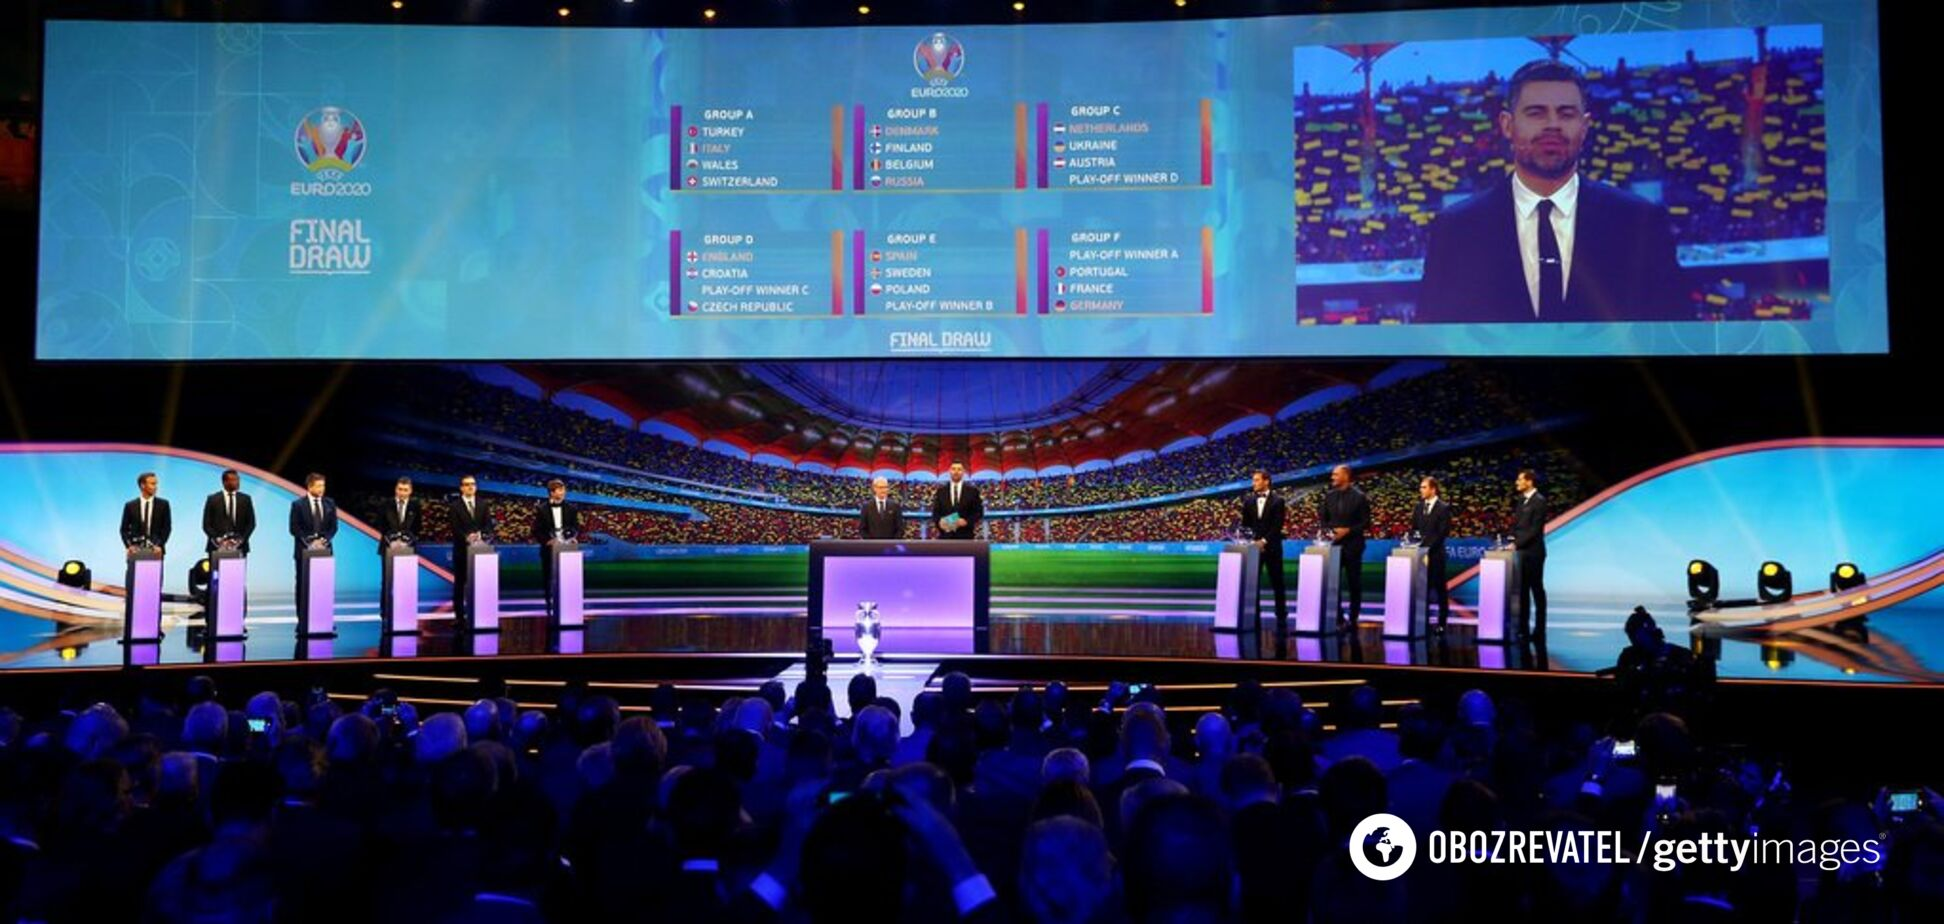 Состоялась жеребьевка чемпионата Европы по футболу-2020: состав групп